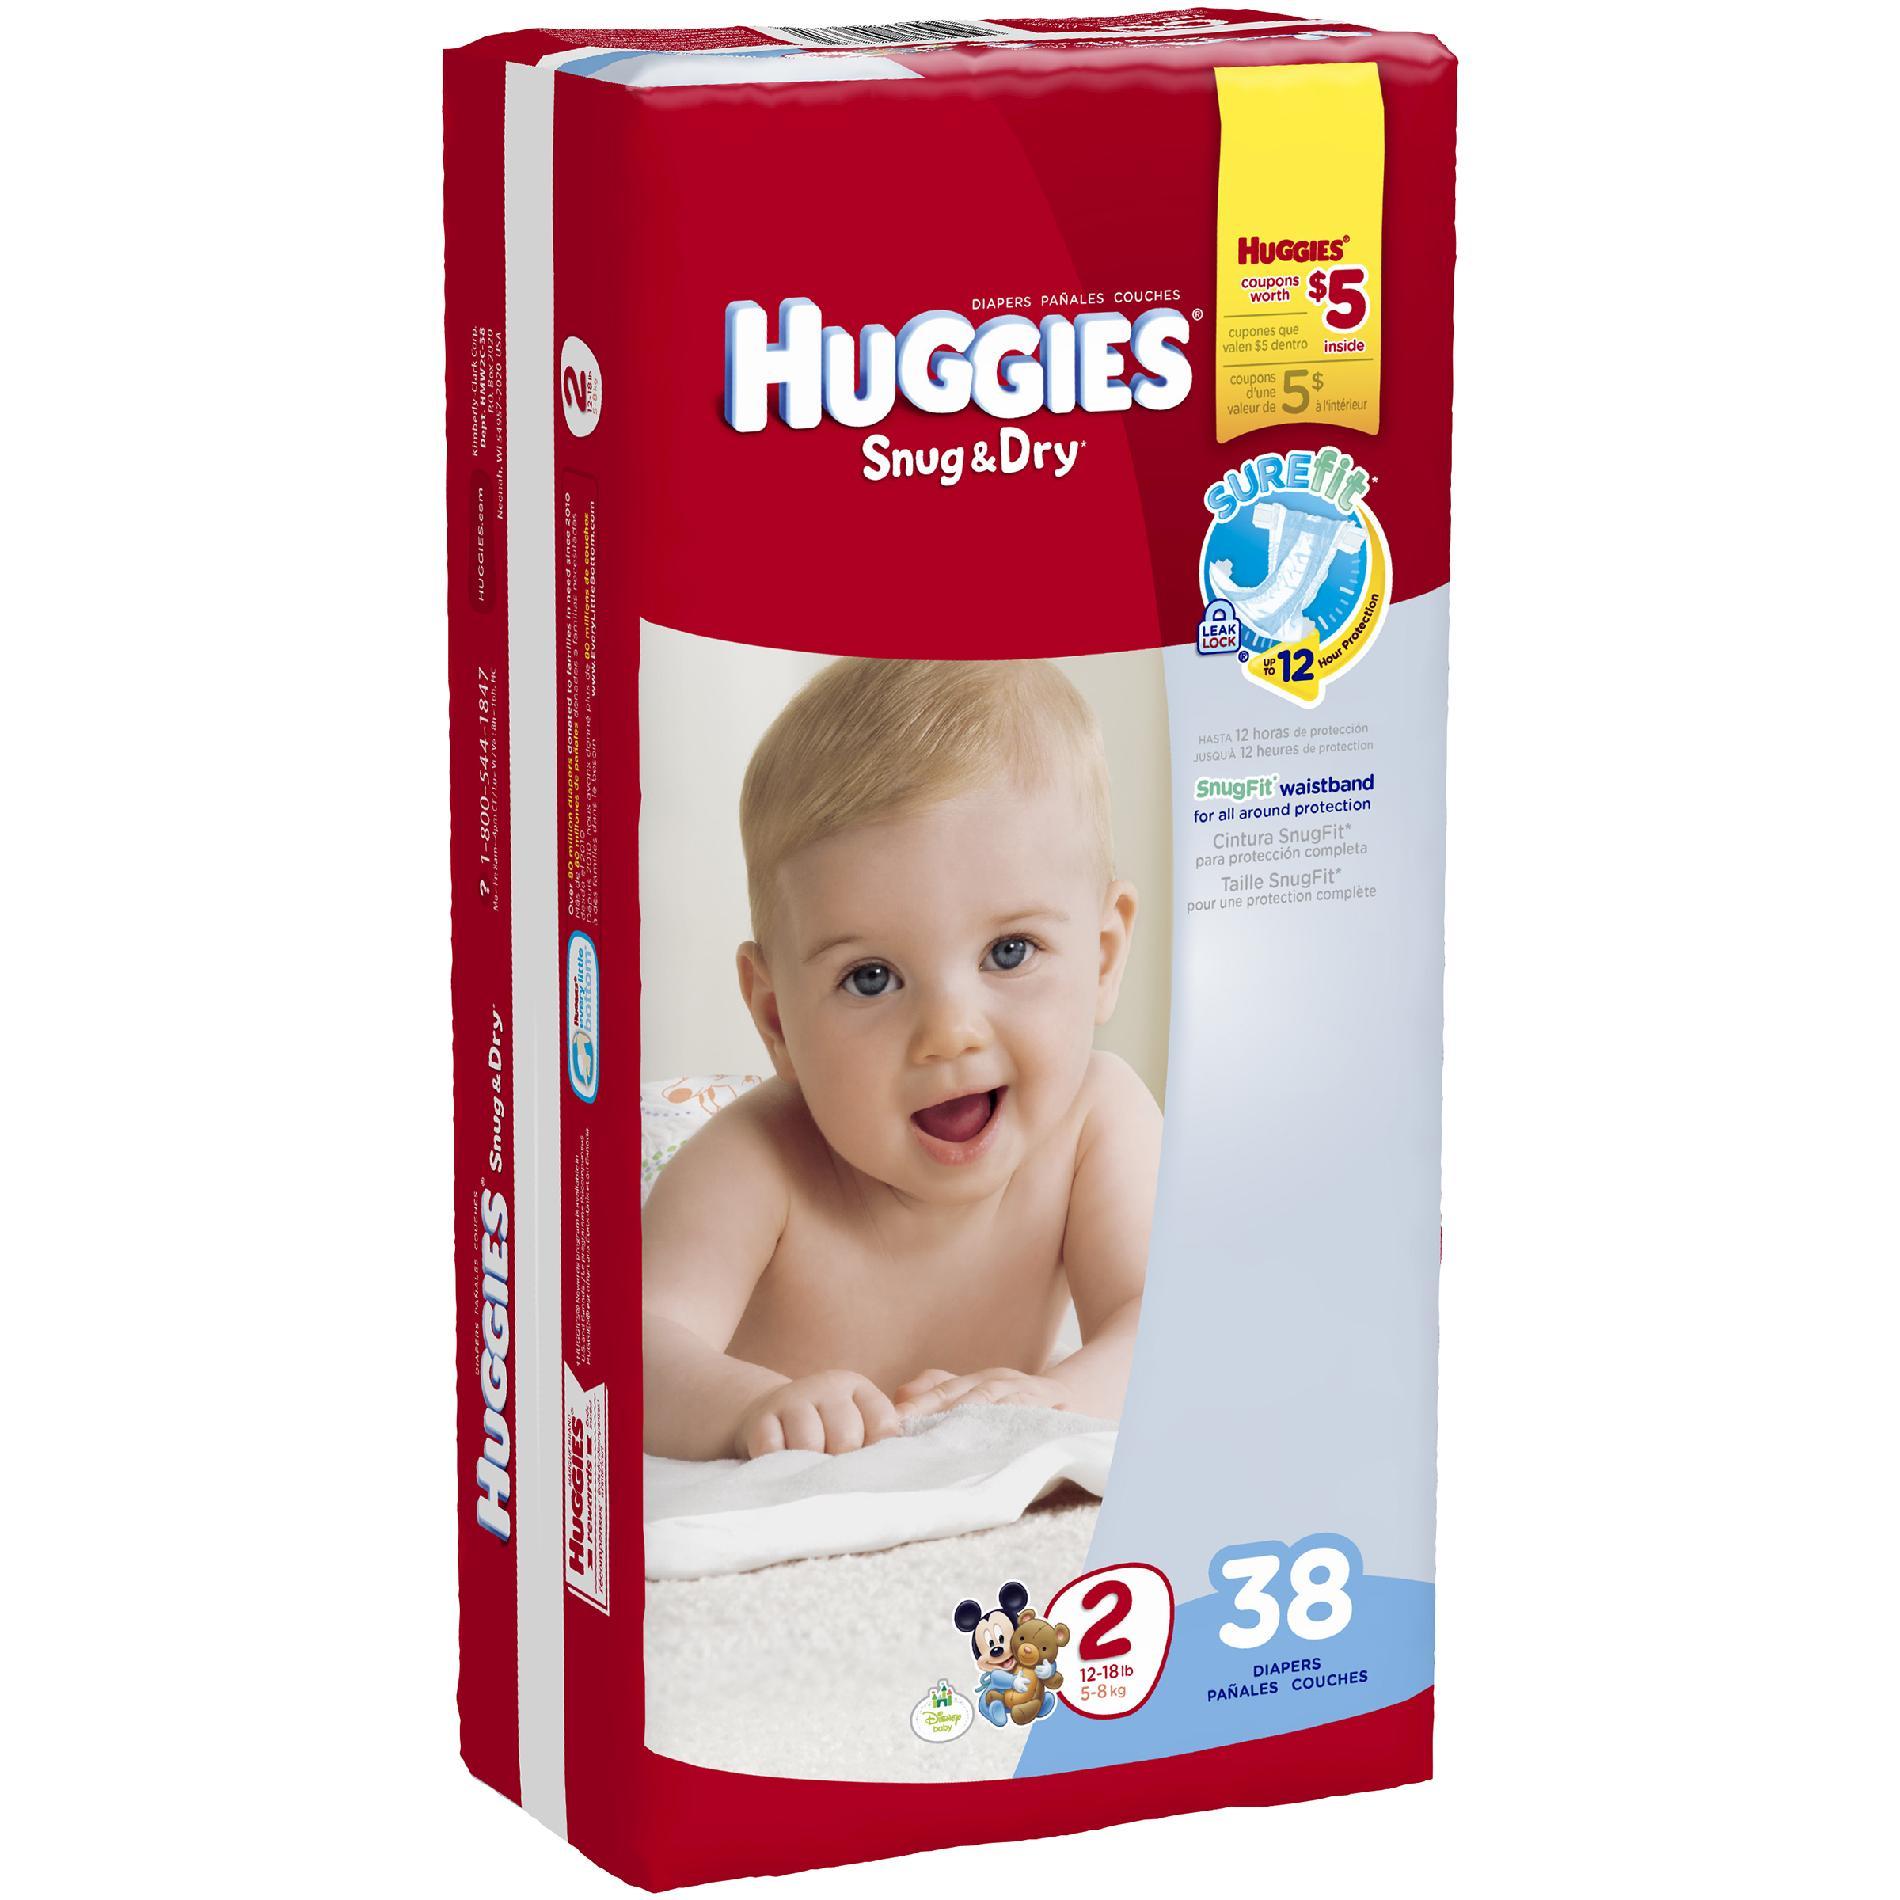 Buy Baby Diapers Online in India